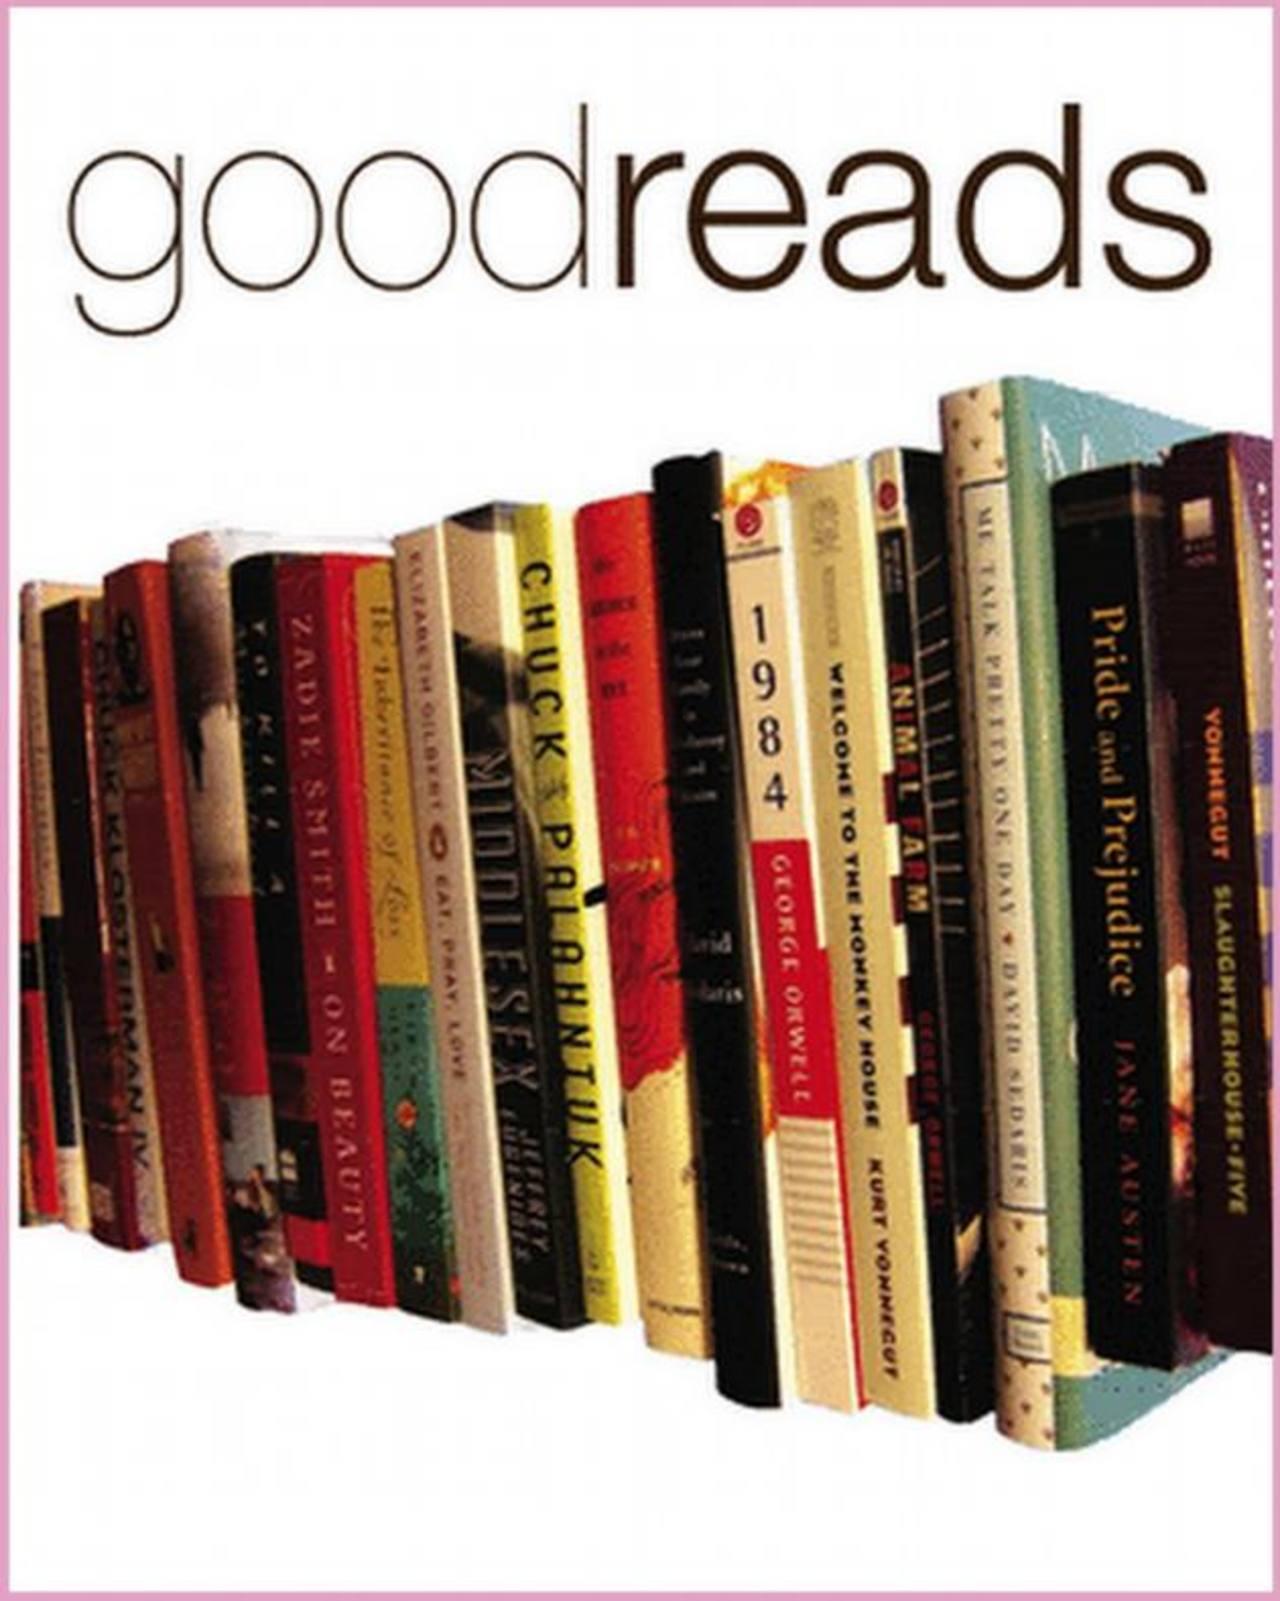 Además de recomendar libros de acuerdo con los títulos que le han gustado a la gente, funciona como una red social para los amantes de las bibliotecas. Foto EDH